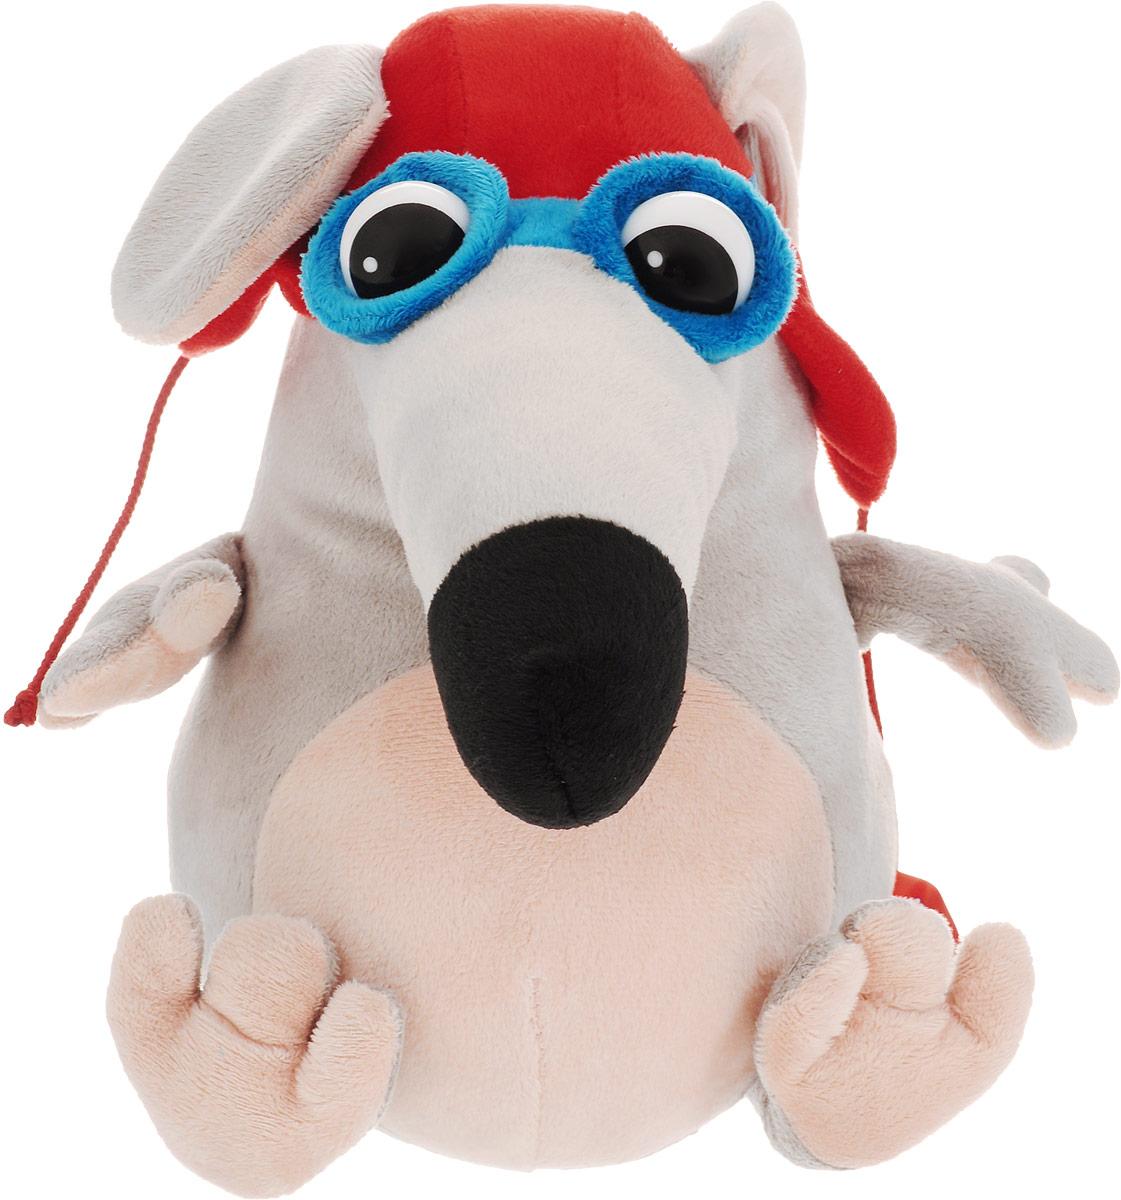 Fancy Мягкая игрушка Мышка Пилот 23 см fancy мягкая игрушка собака сплюшка 70 см 378752